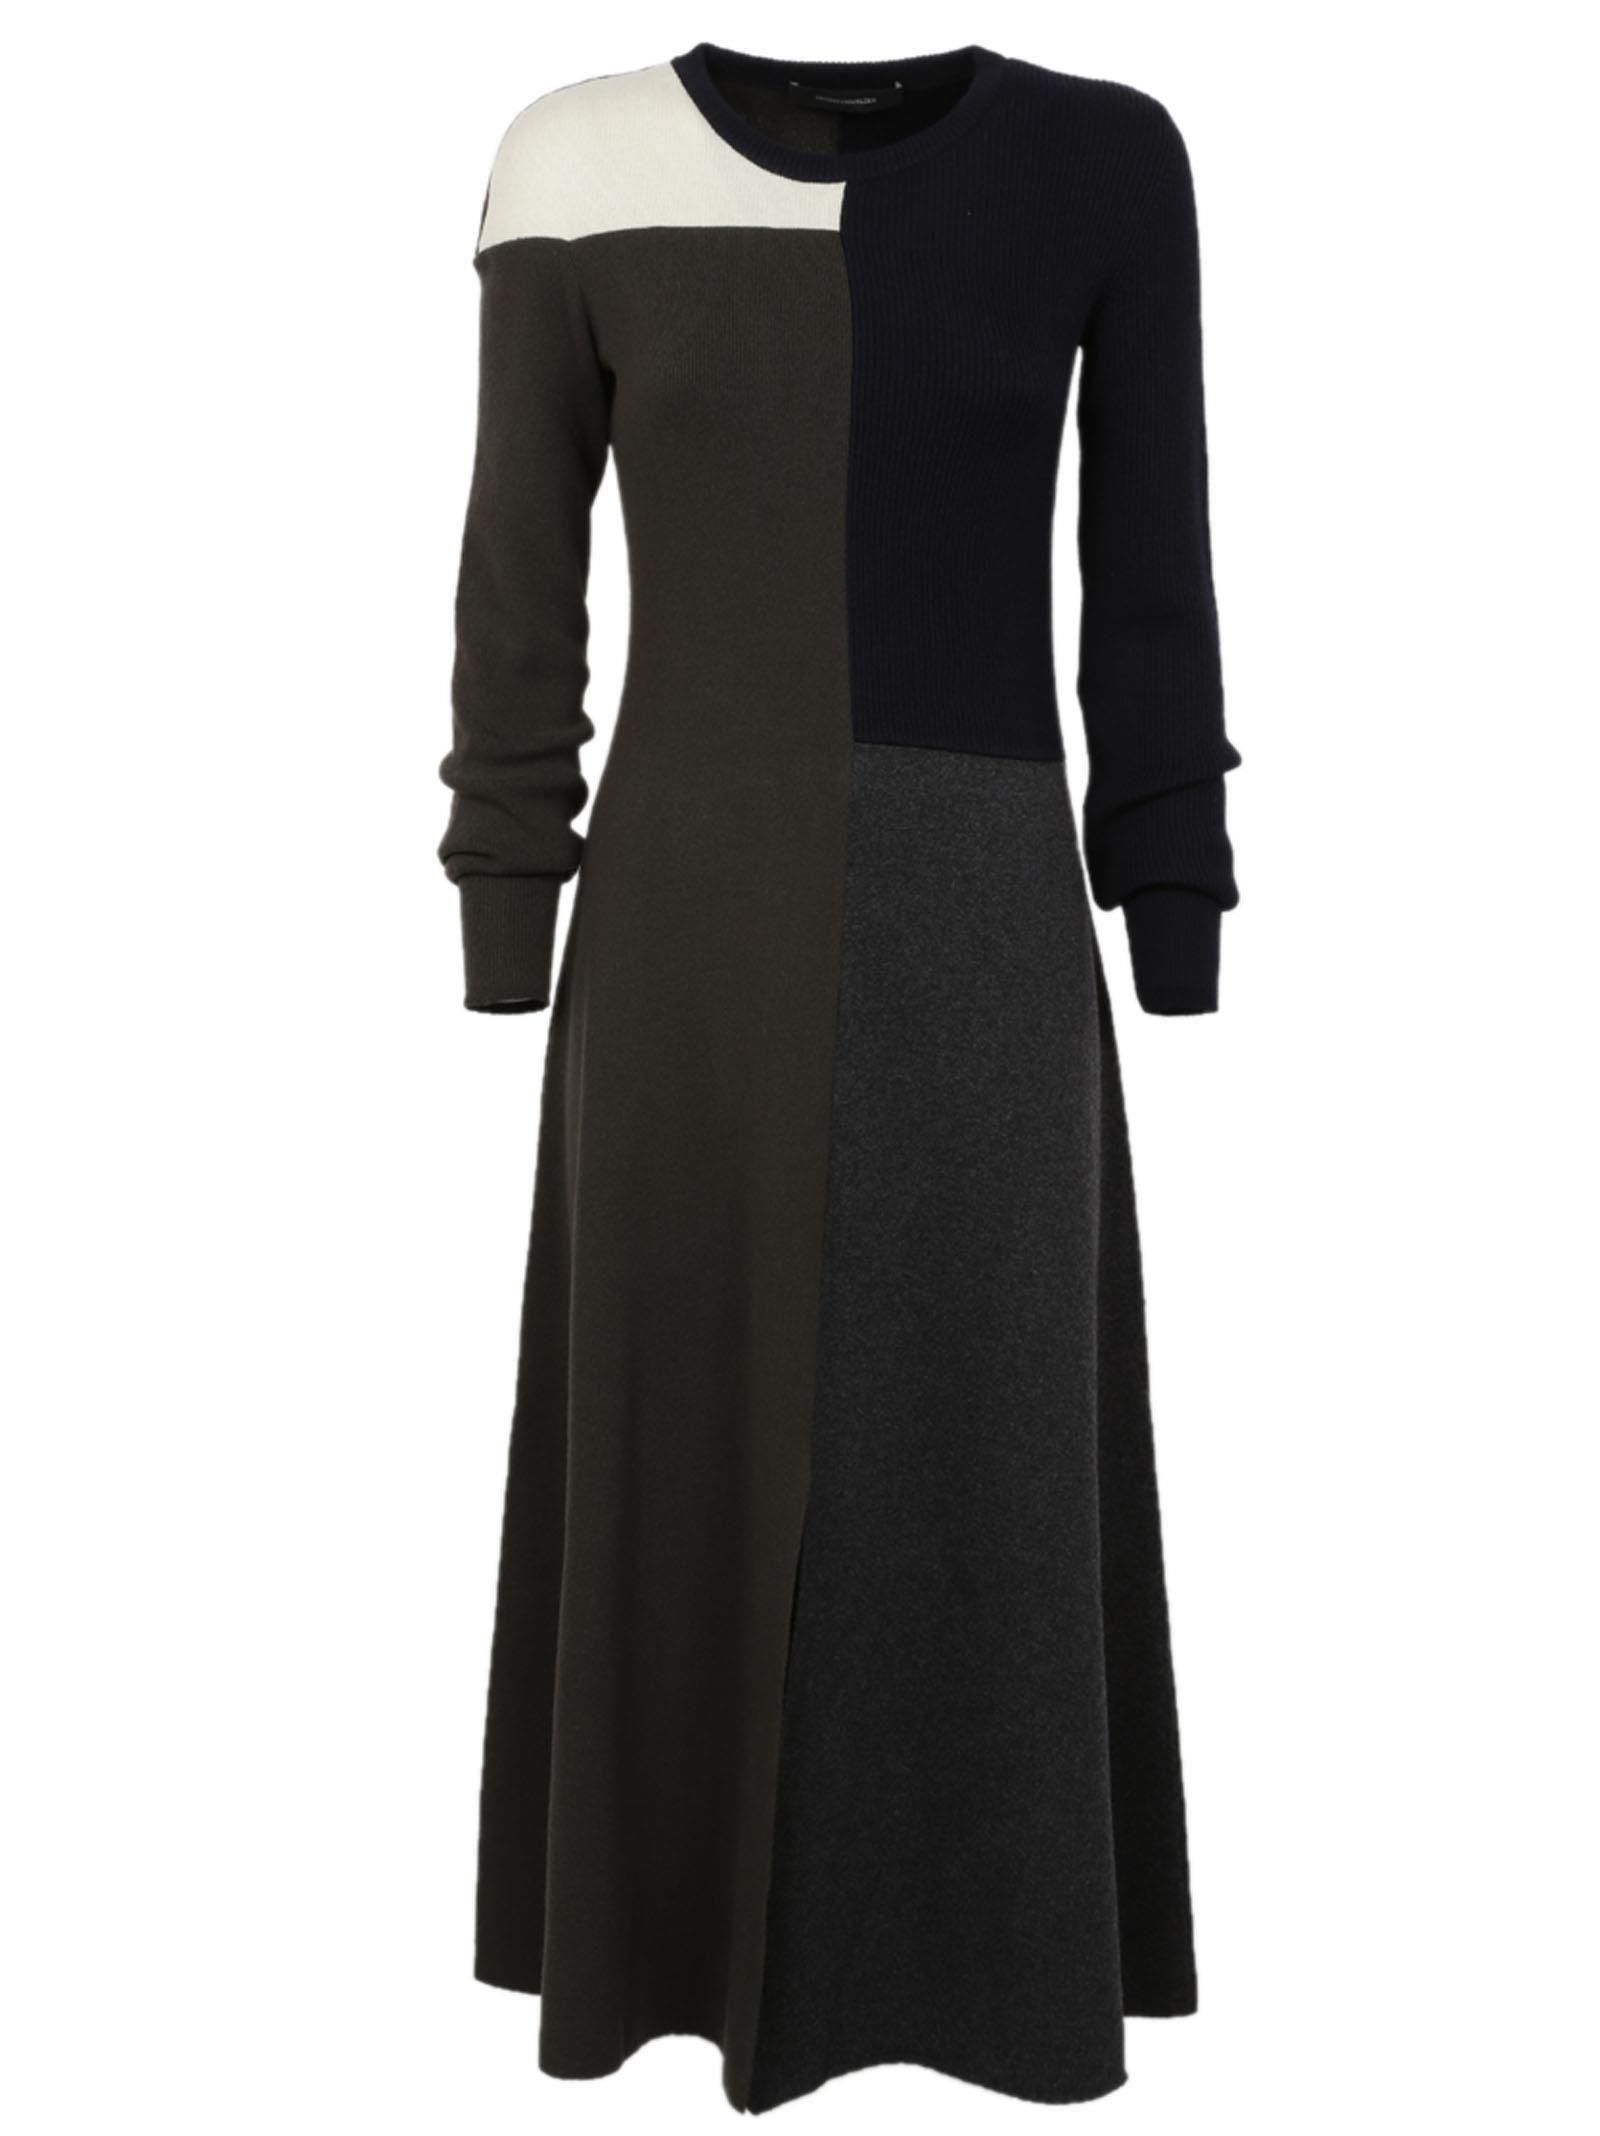 Cédric Charlier Patchwork Dress